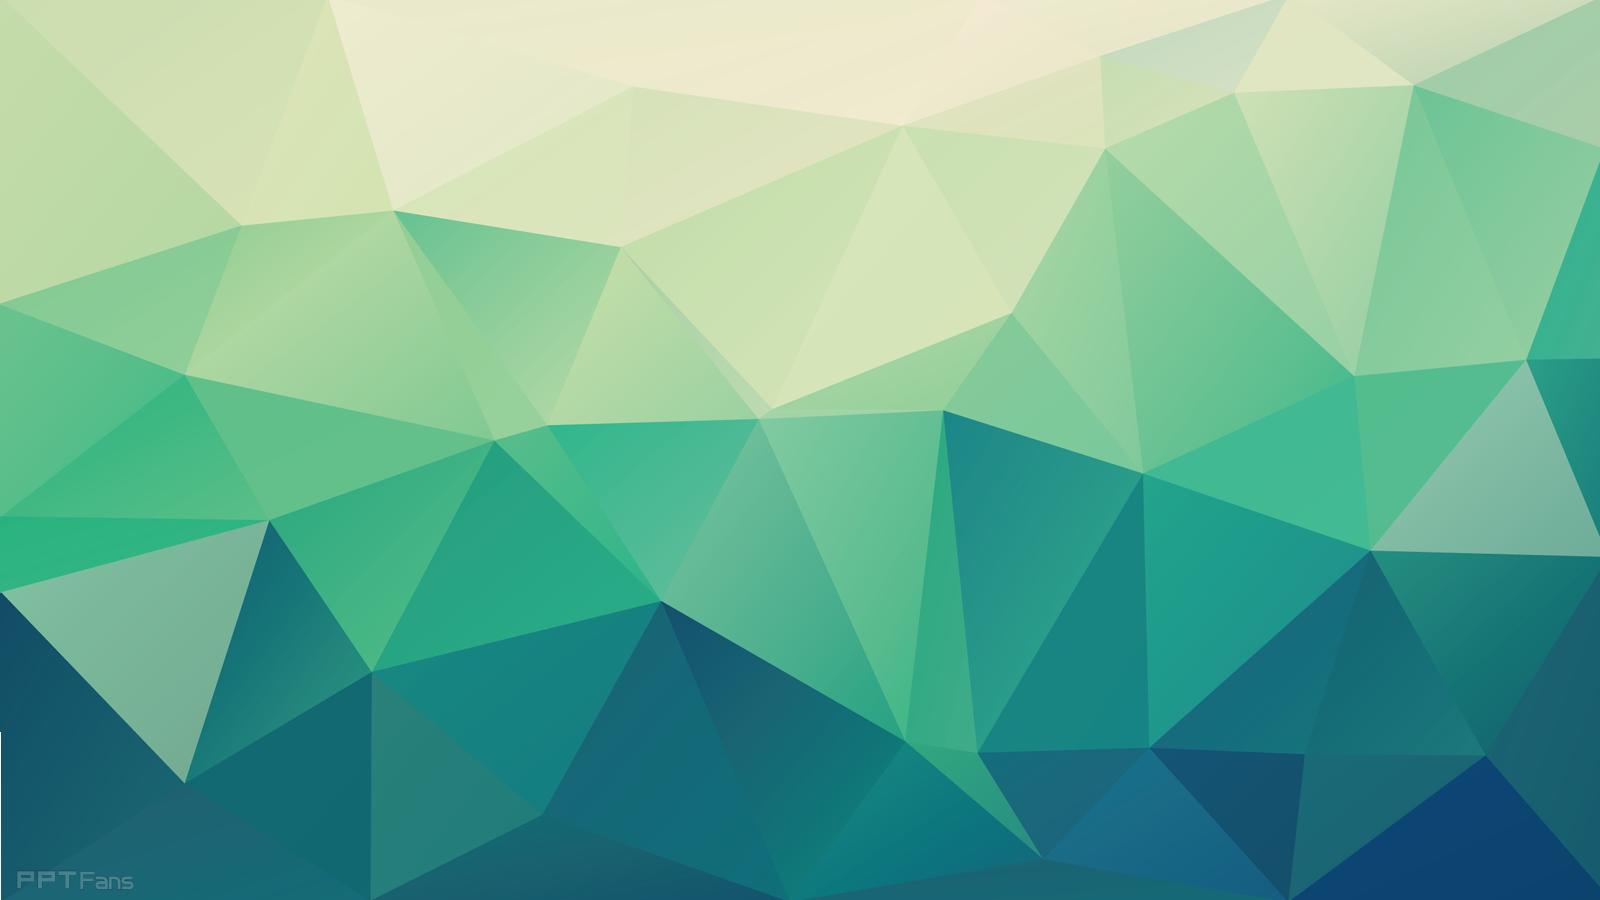 Wallpaper Unique 高清晰时尚低多边形ppt背景图打包分享(第四弹 26张) Ppt设计教程网